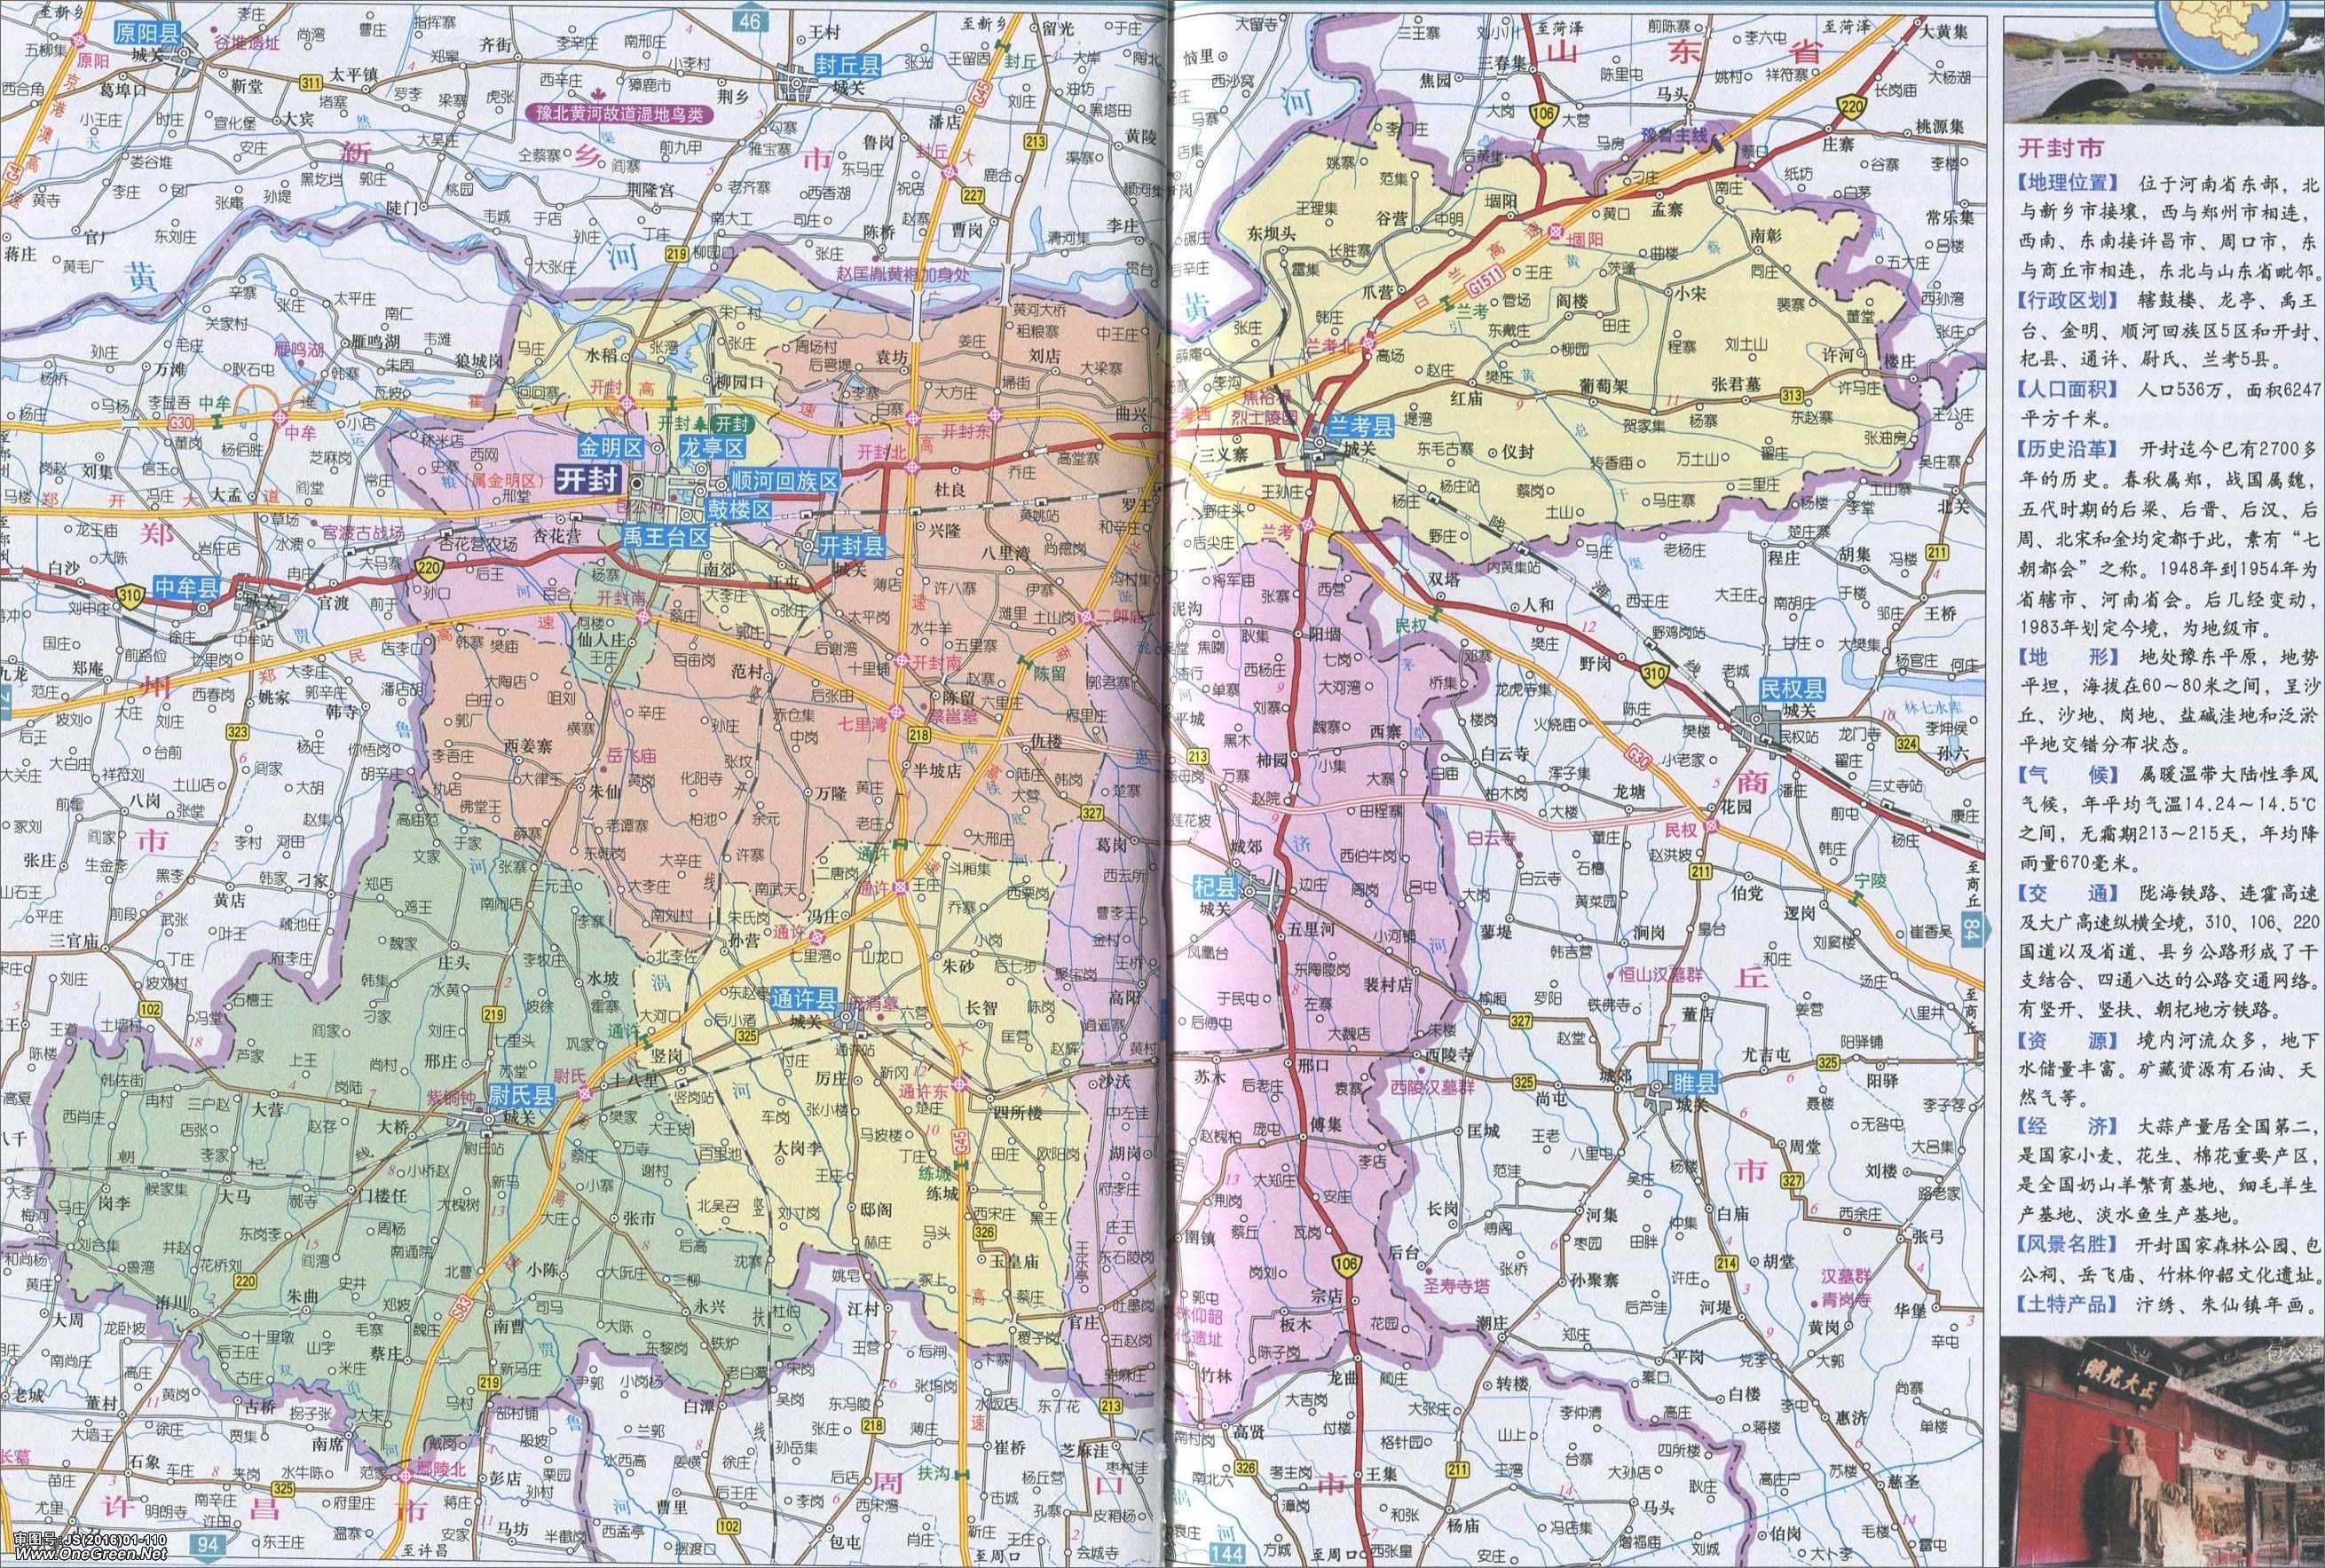 开封市地图高清版